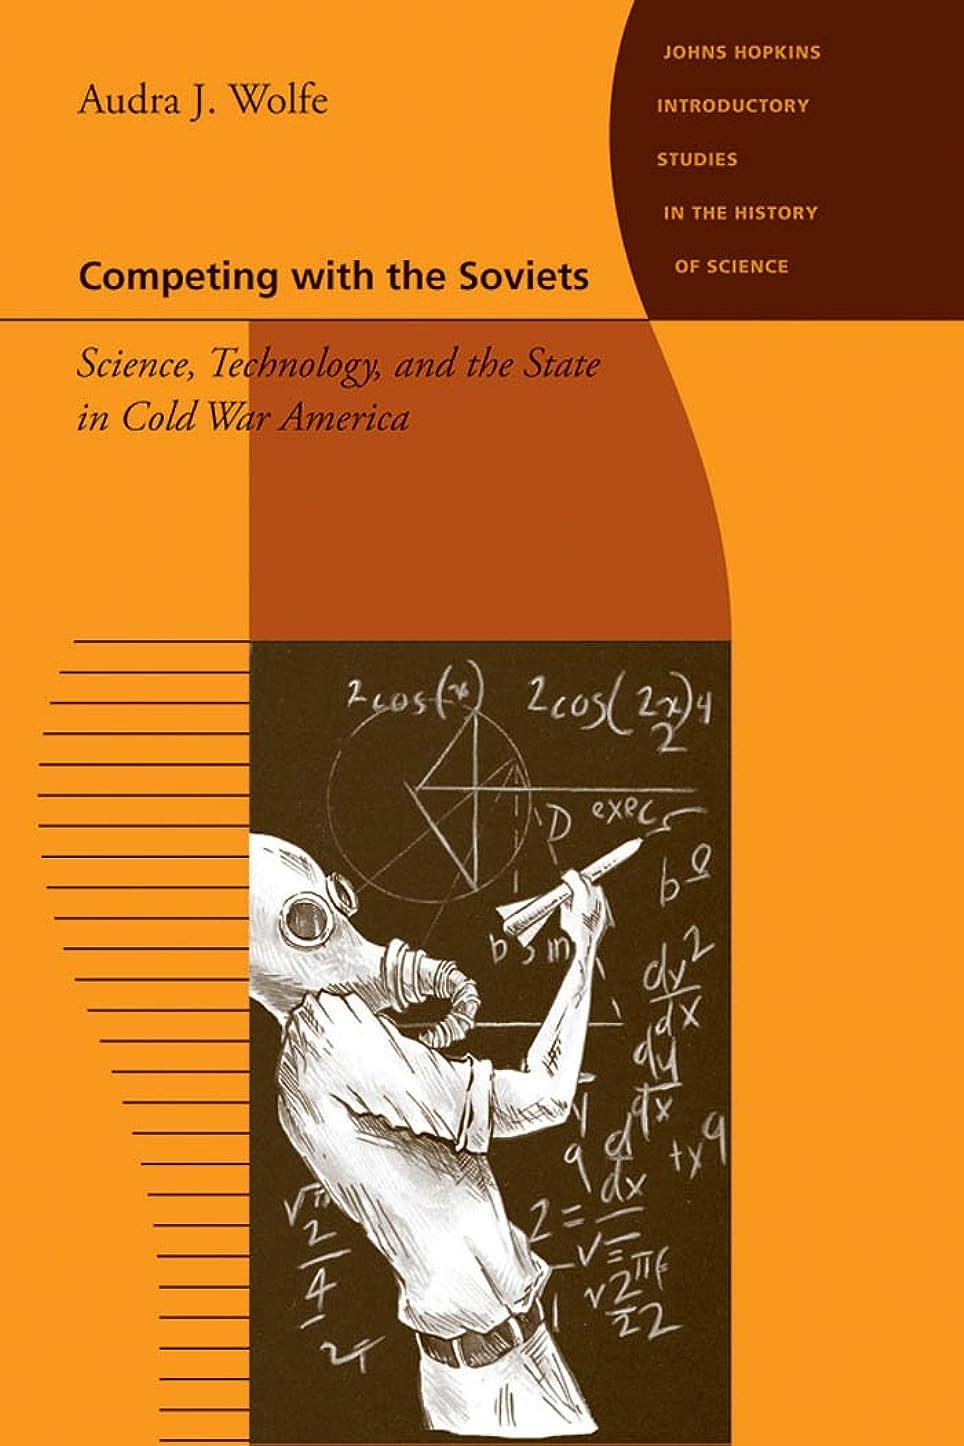 生緩む艶Competing with the Soviets (Johns Hopkins Introductory Studies in the History of Science) (English Edition)